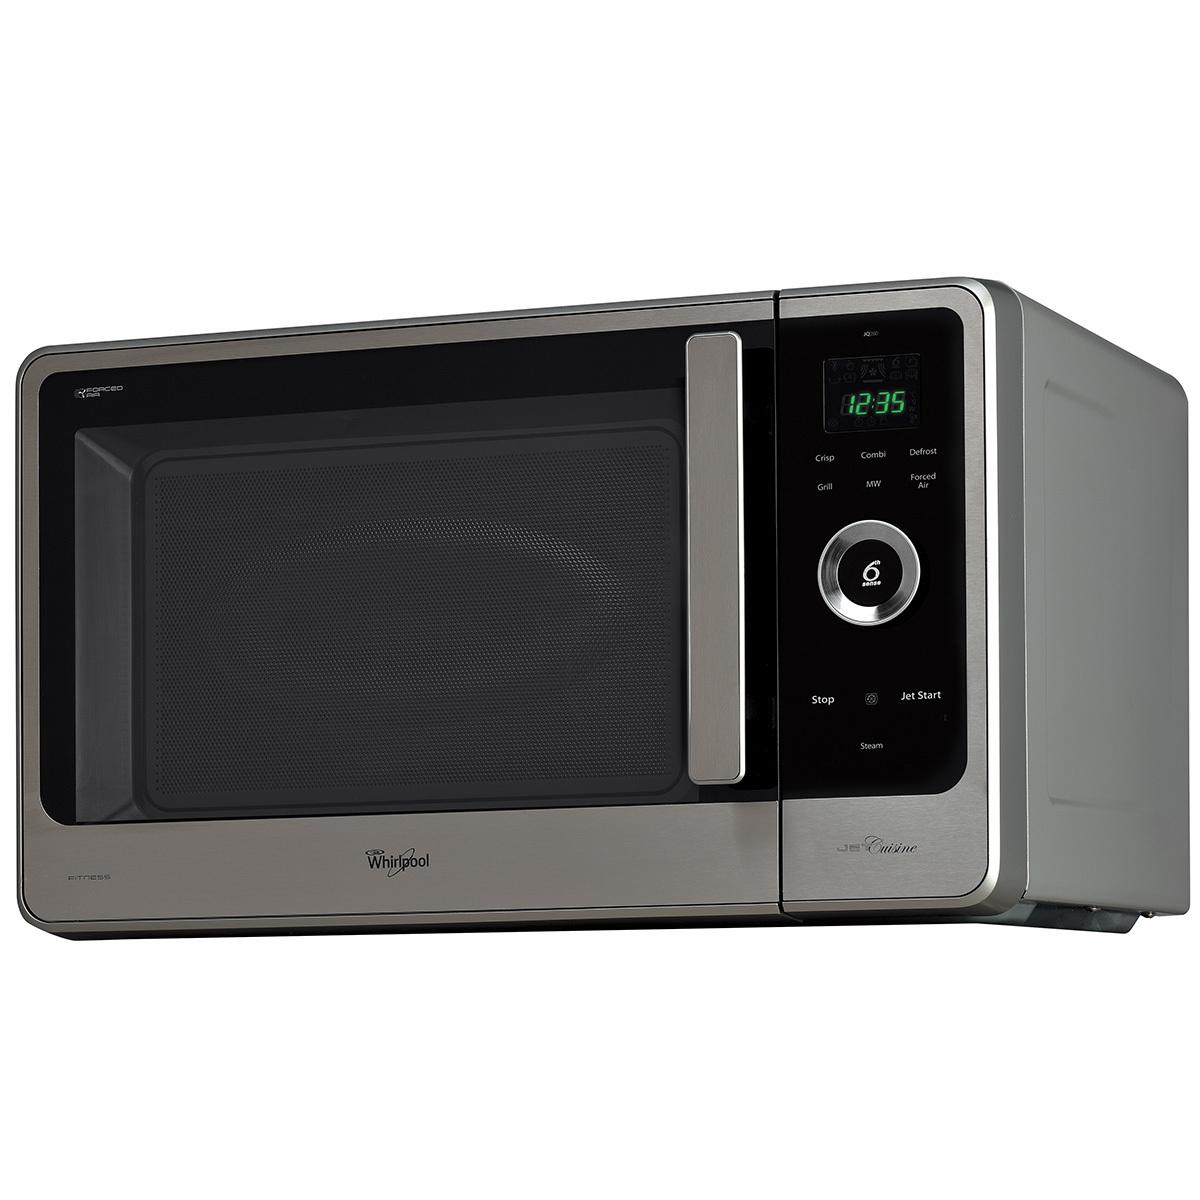 whirlpool 29l crisp n grill microwave jq280ix